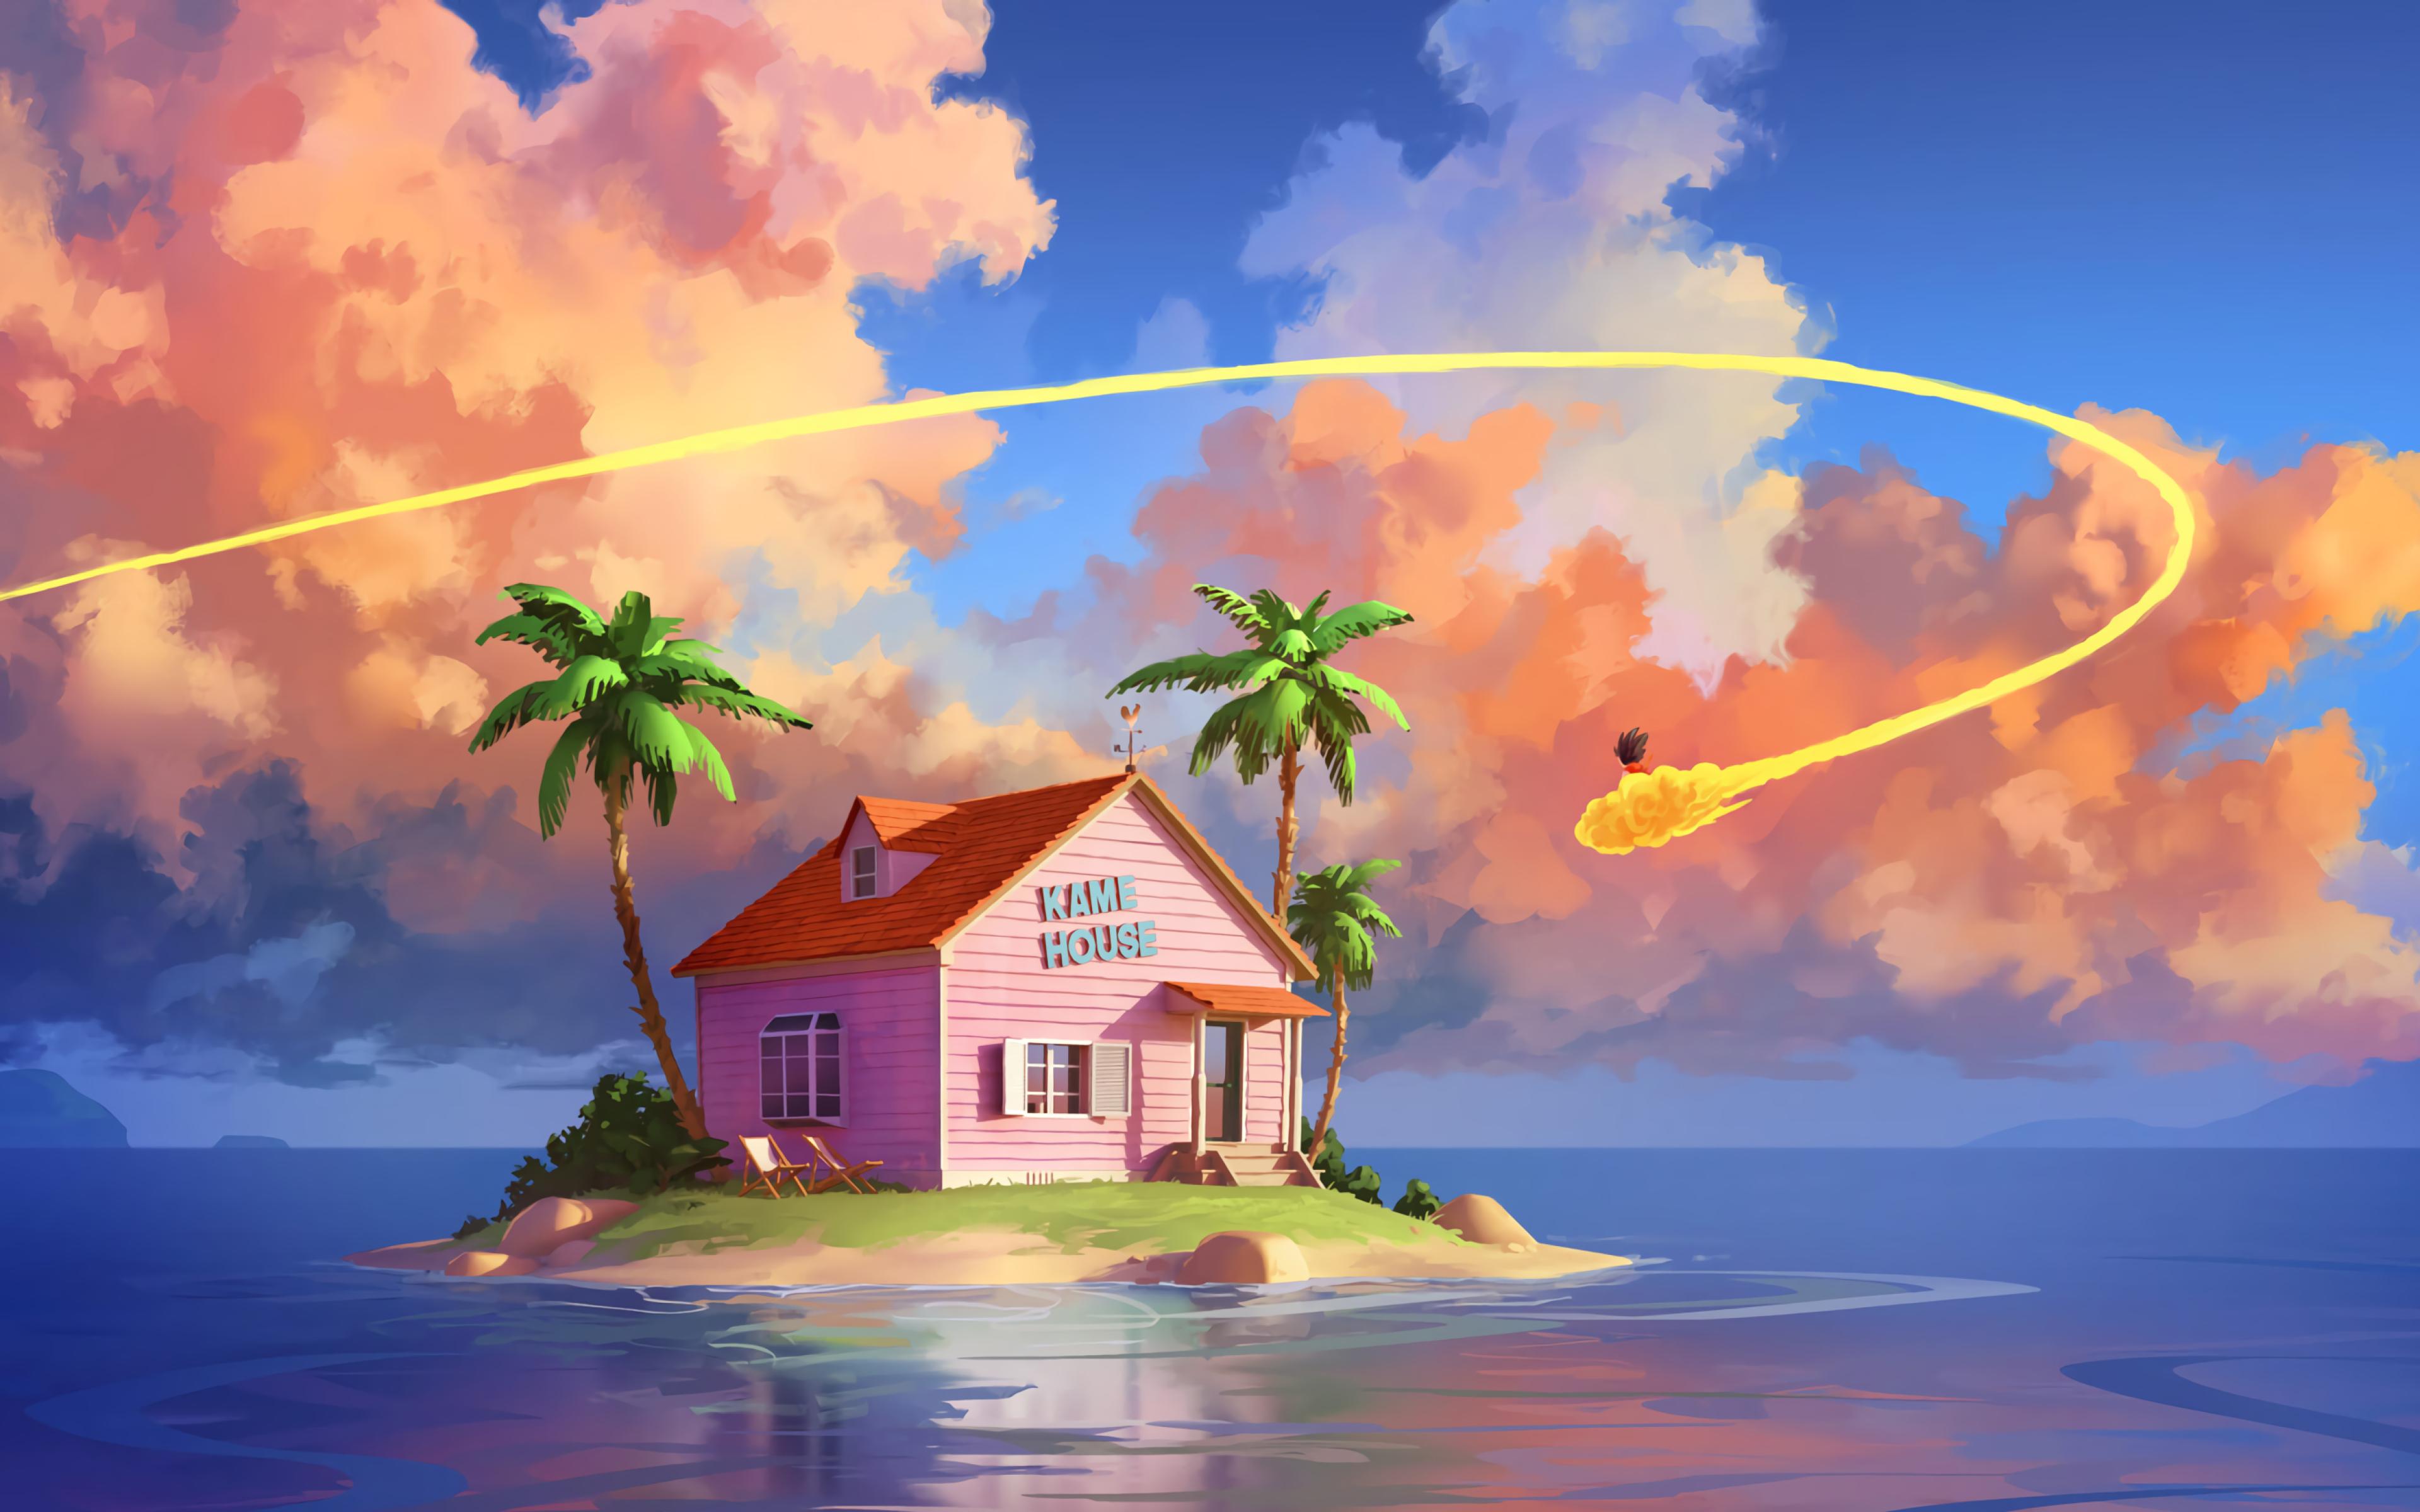 3840x2400 Kame House Dragon Ball Z UHD 4K 3840x2400 ...